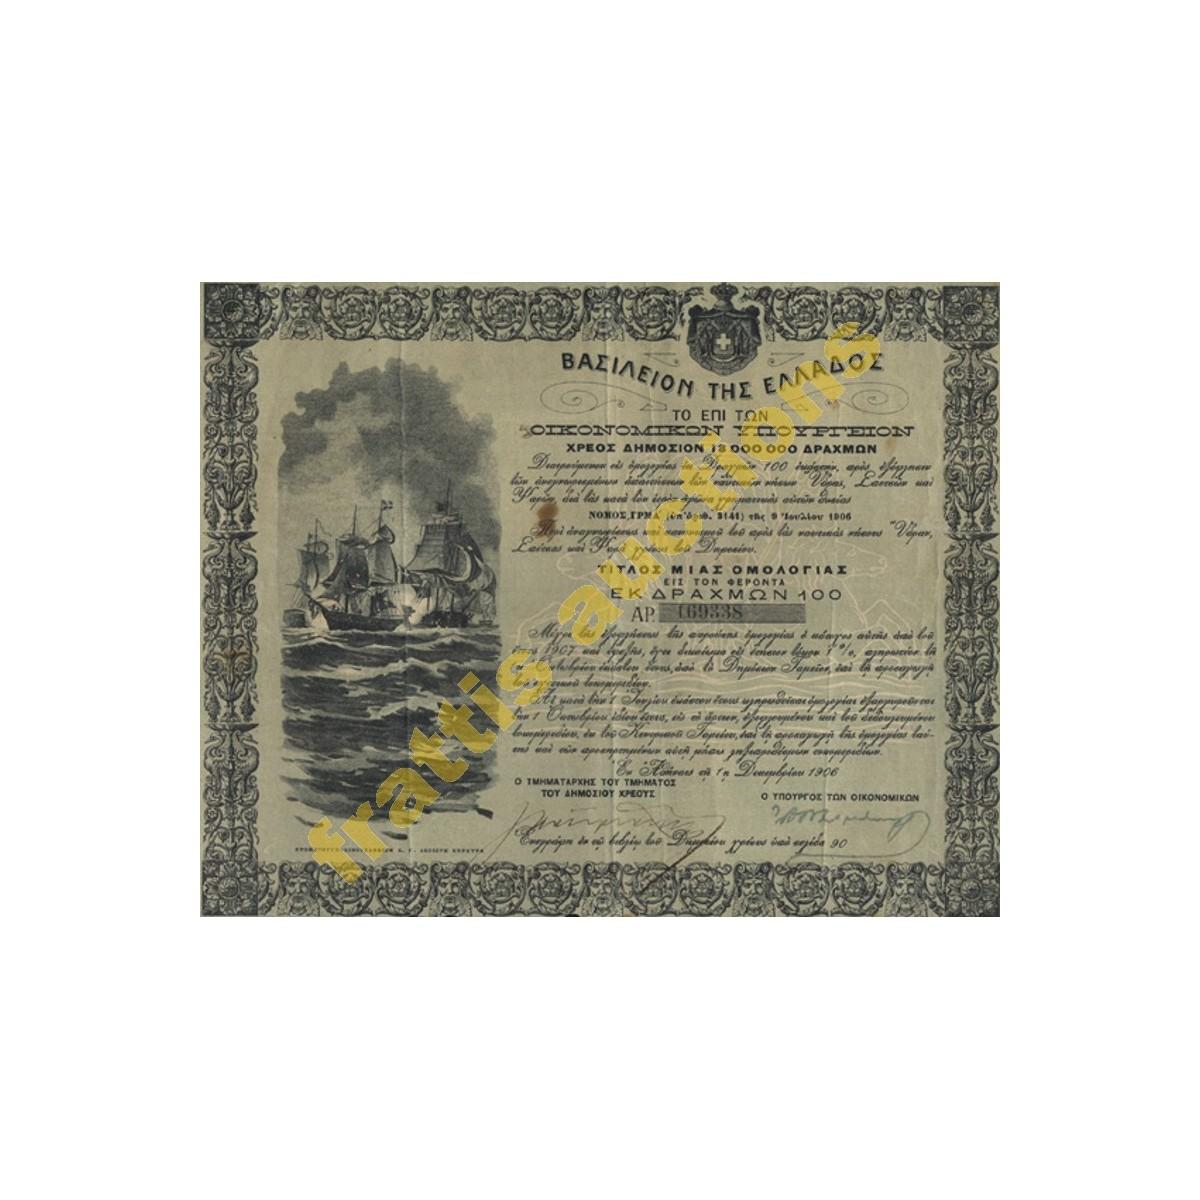 Βασίλειον της Ελλάδος, Ομόλογο 100δρχ Δημοσίου χρέους 1906.